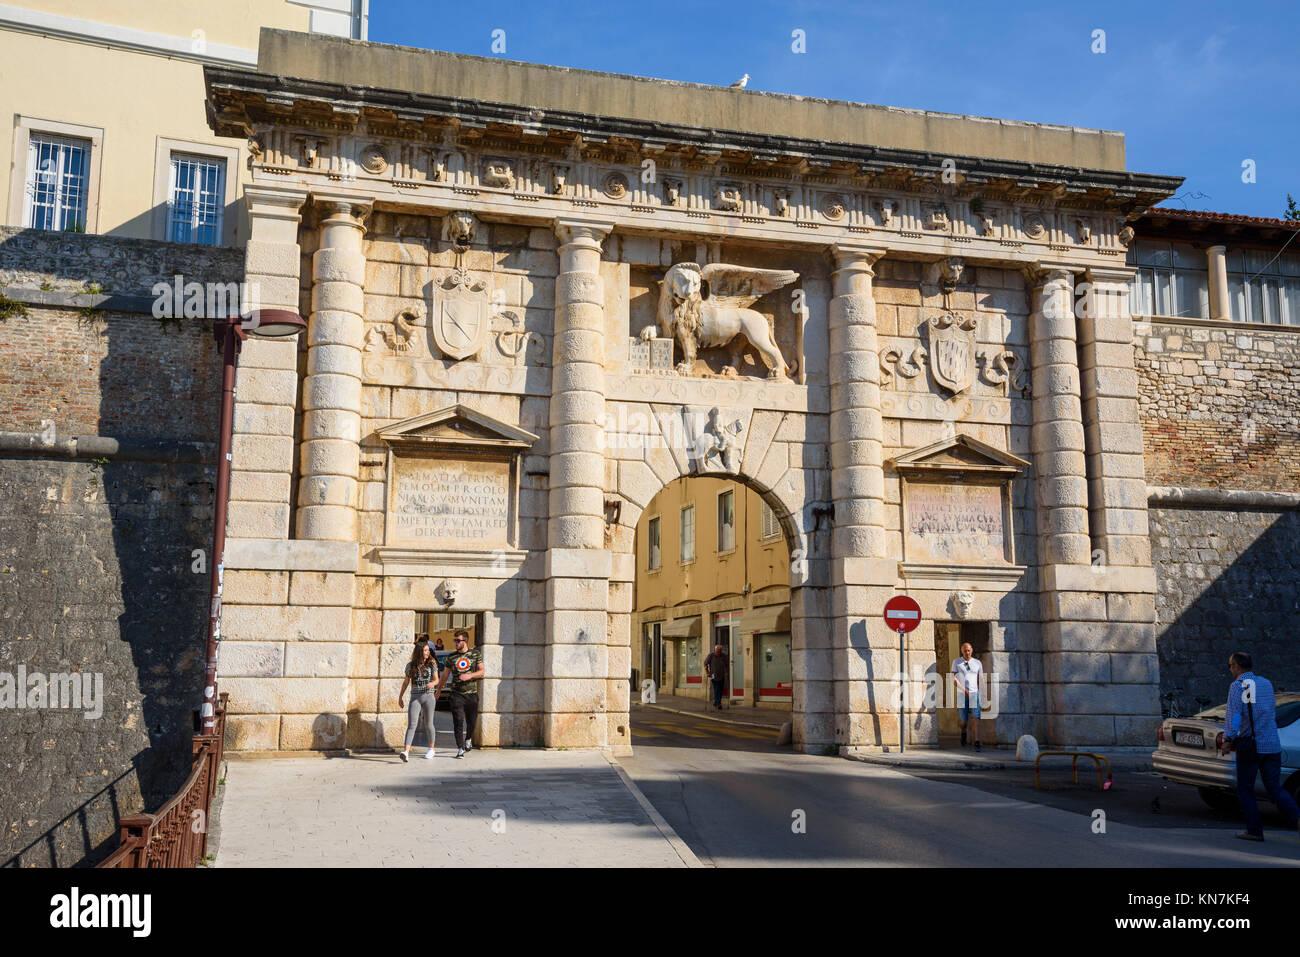 Land Gate et les remparts de la ville, Vieille Ville, Zadar, Croatie Photo Stock